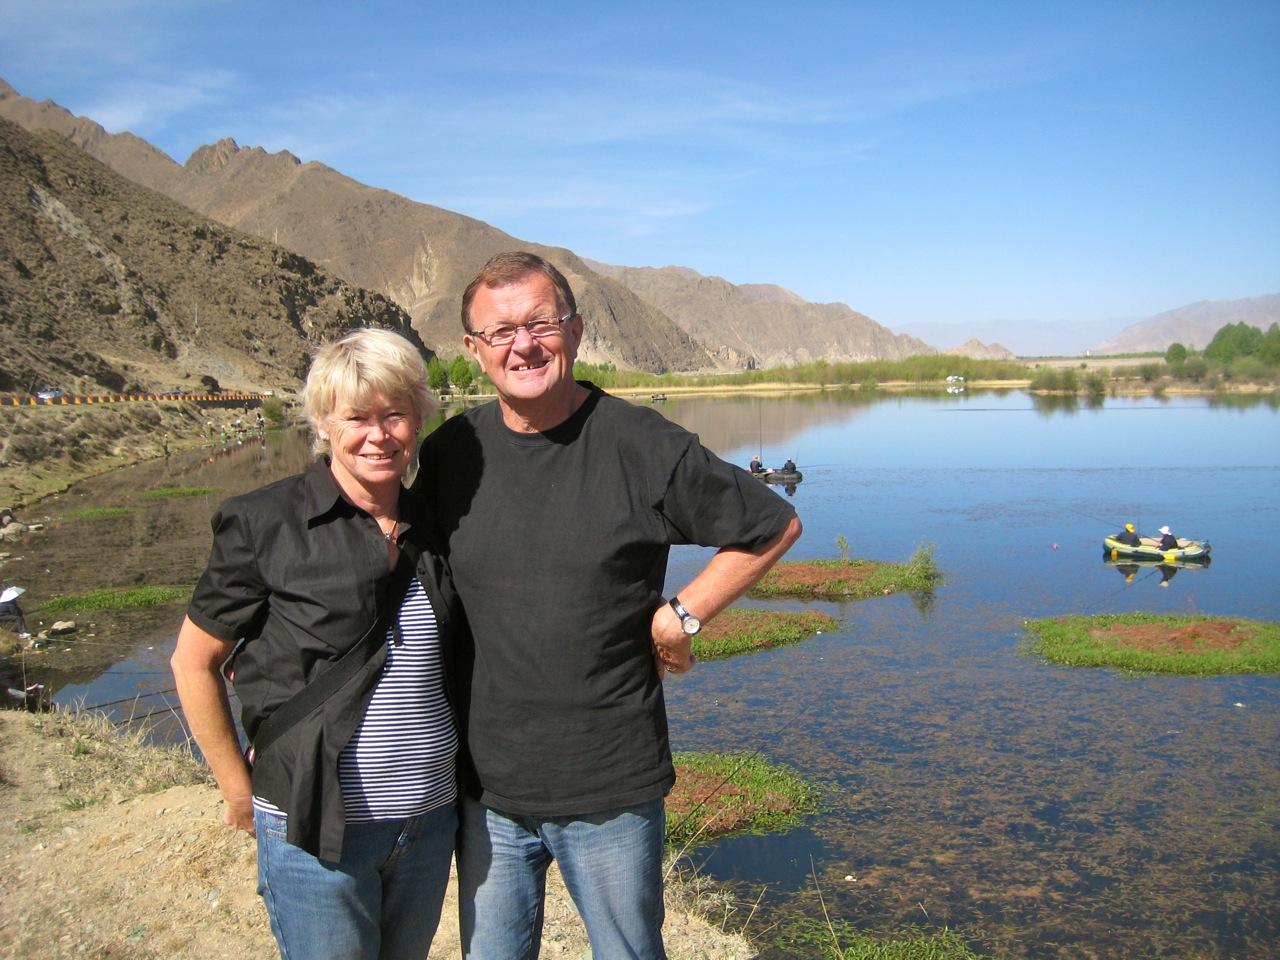 Vatten. En sjö utanför Lhasa i Tibet. Den vackraste sjö jag sett och med tillhörande omgivningar.